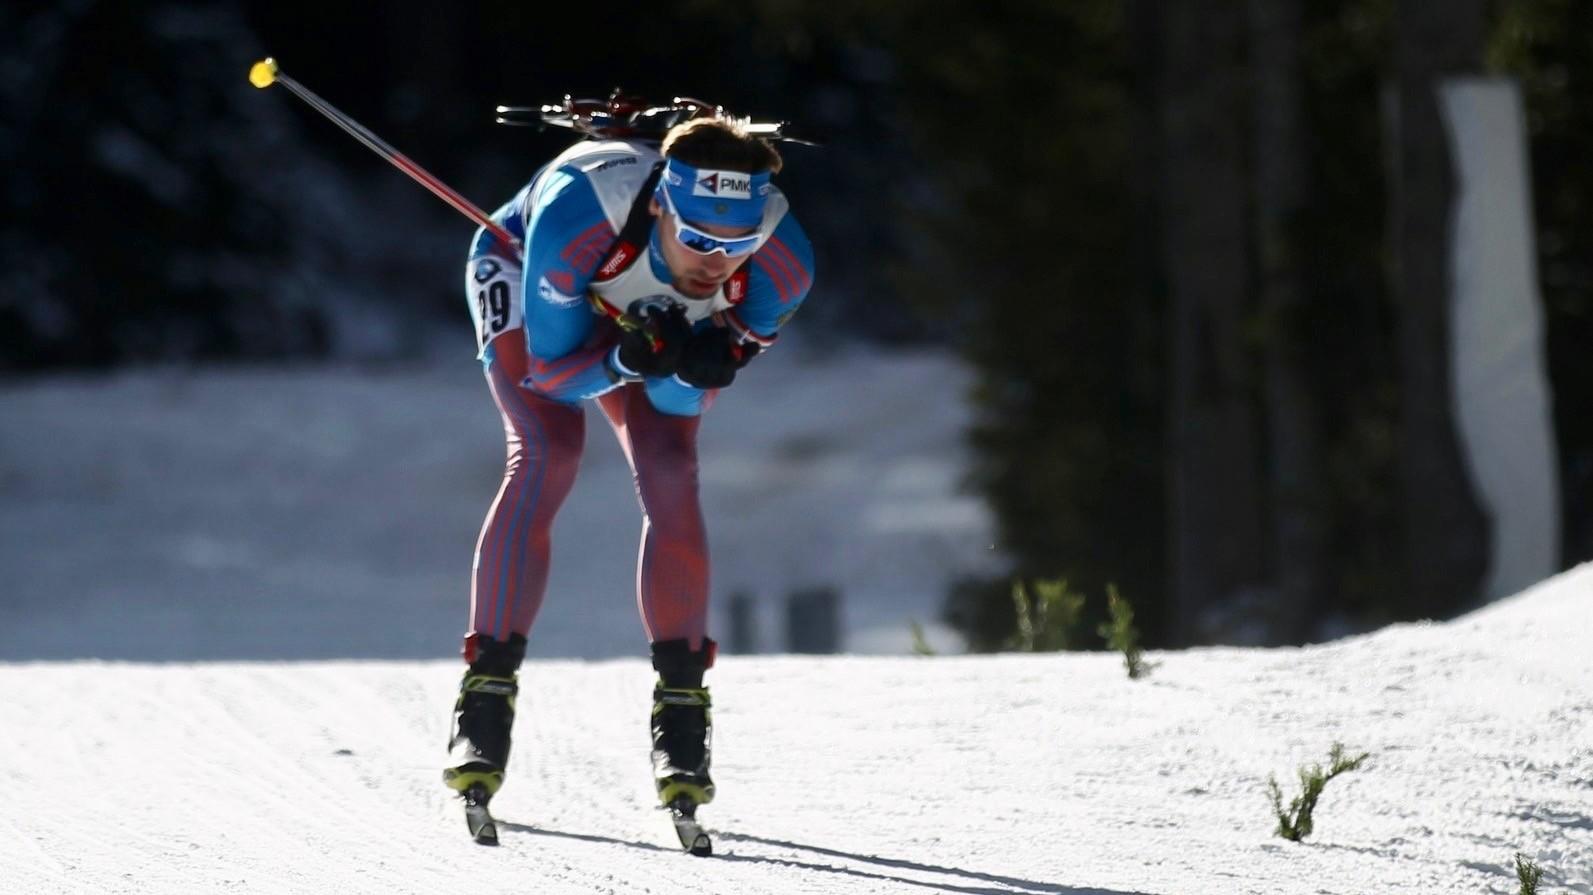 Утерянная медаль: Шипулин остался четвёртым в гонке преследования на этапе КМ в Германии